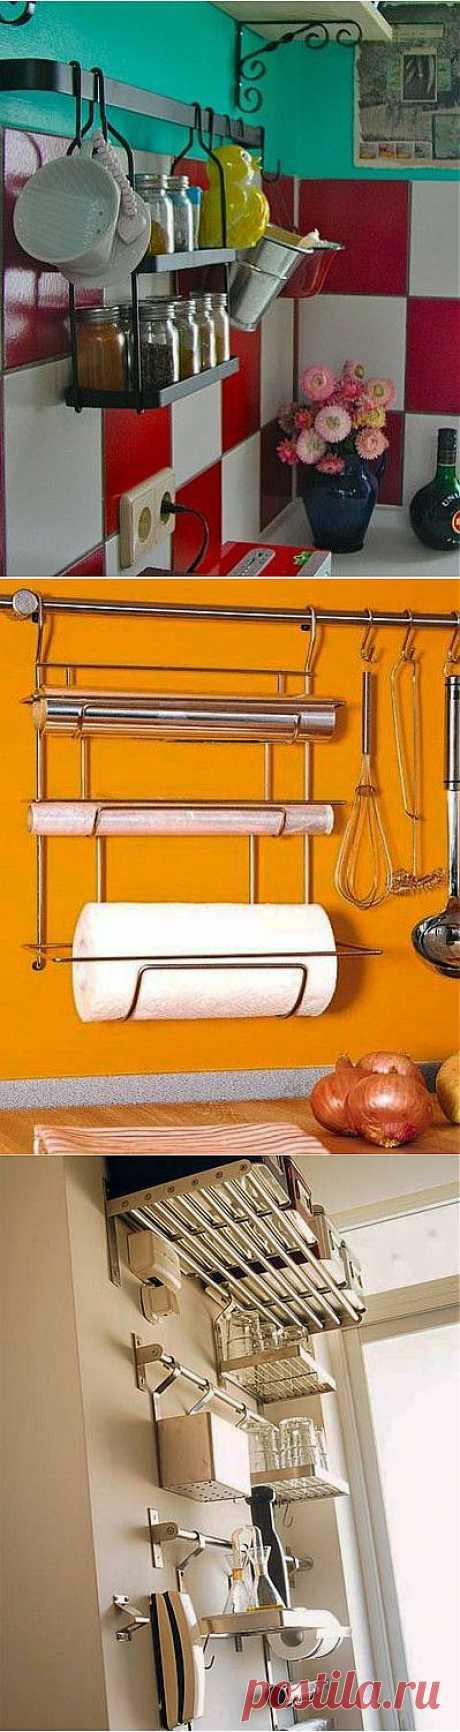 Рейлинги как удобная система хранения для кухни